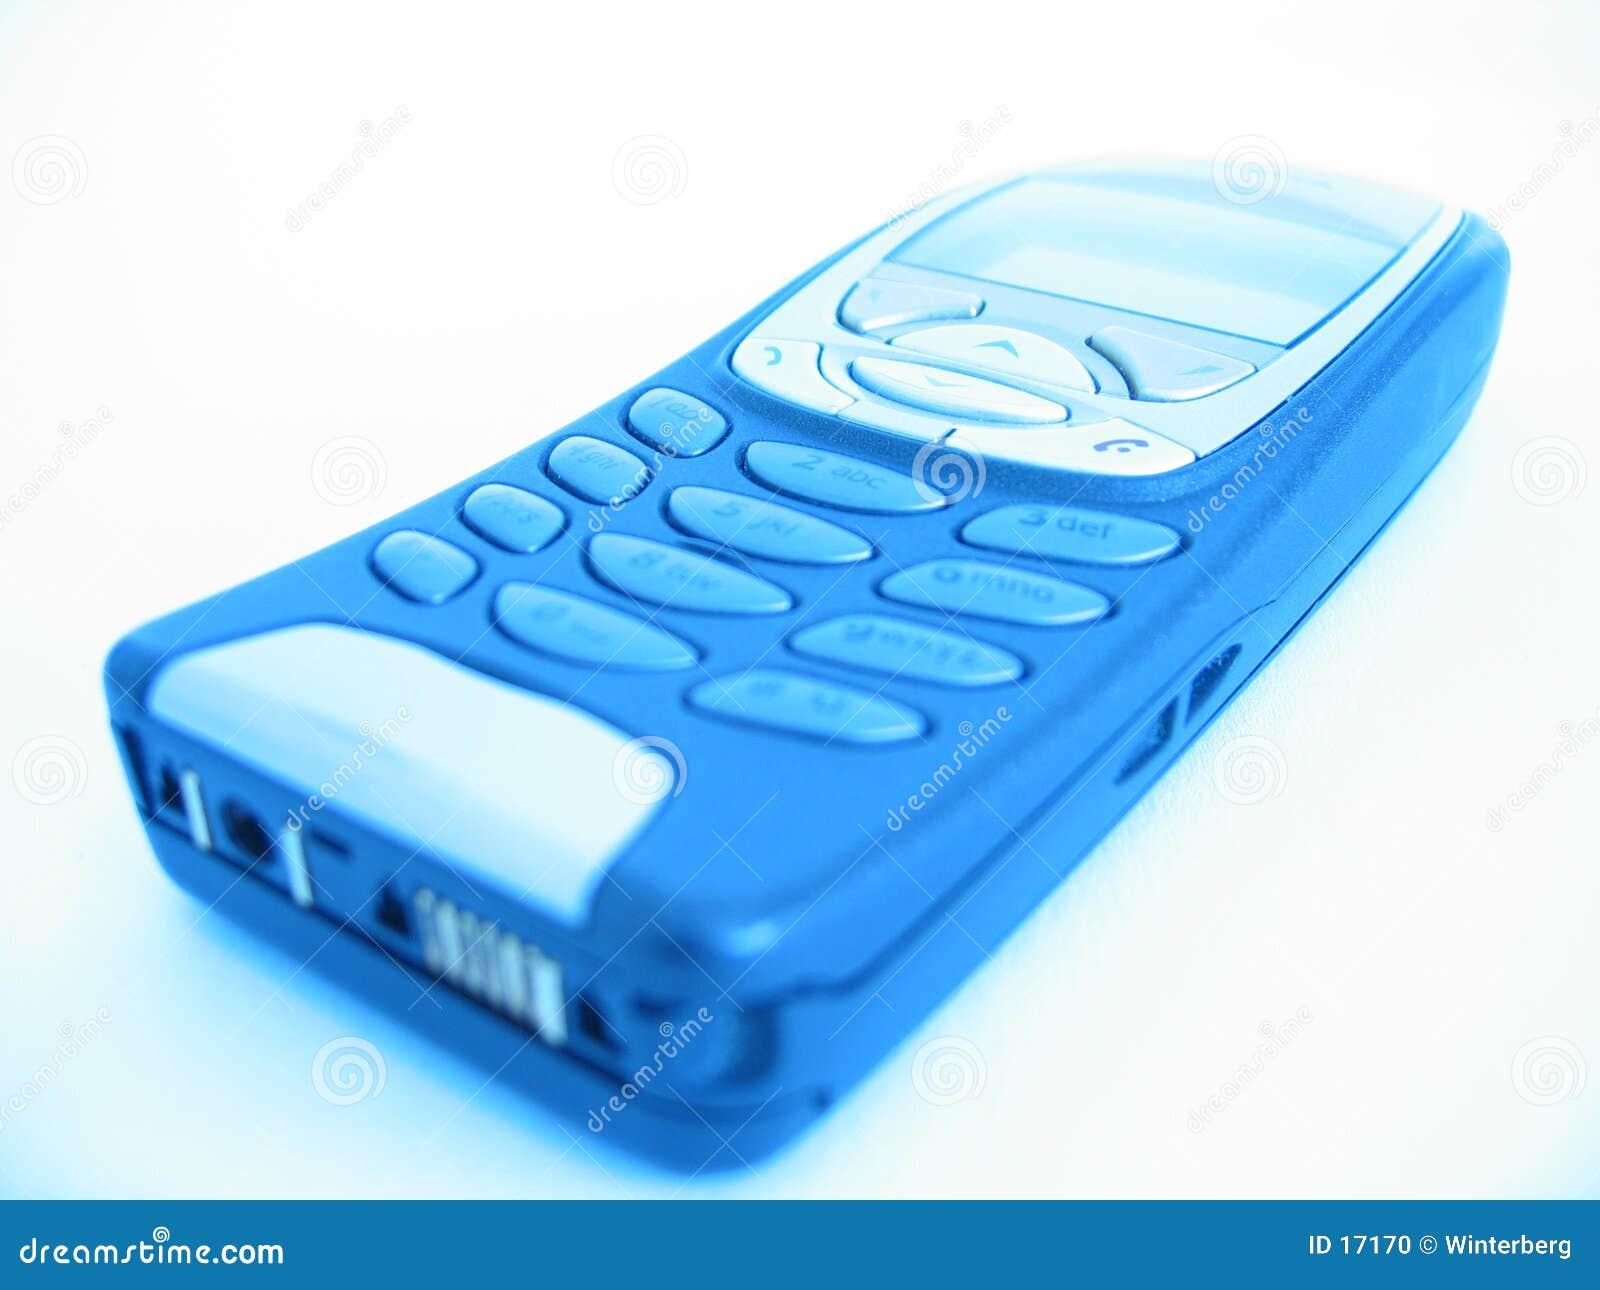 Handy im blauen Shine